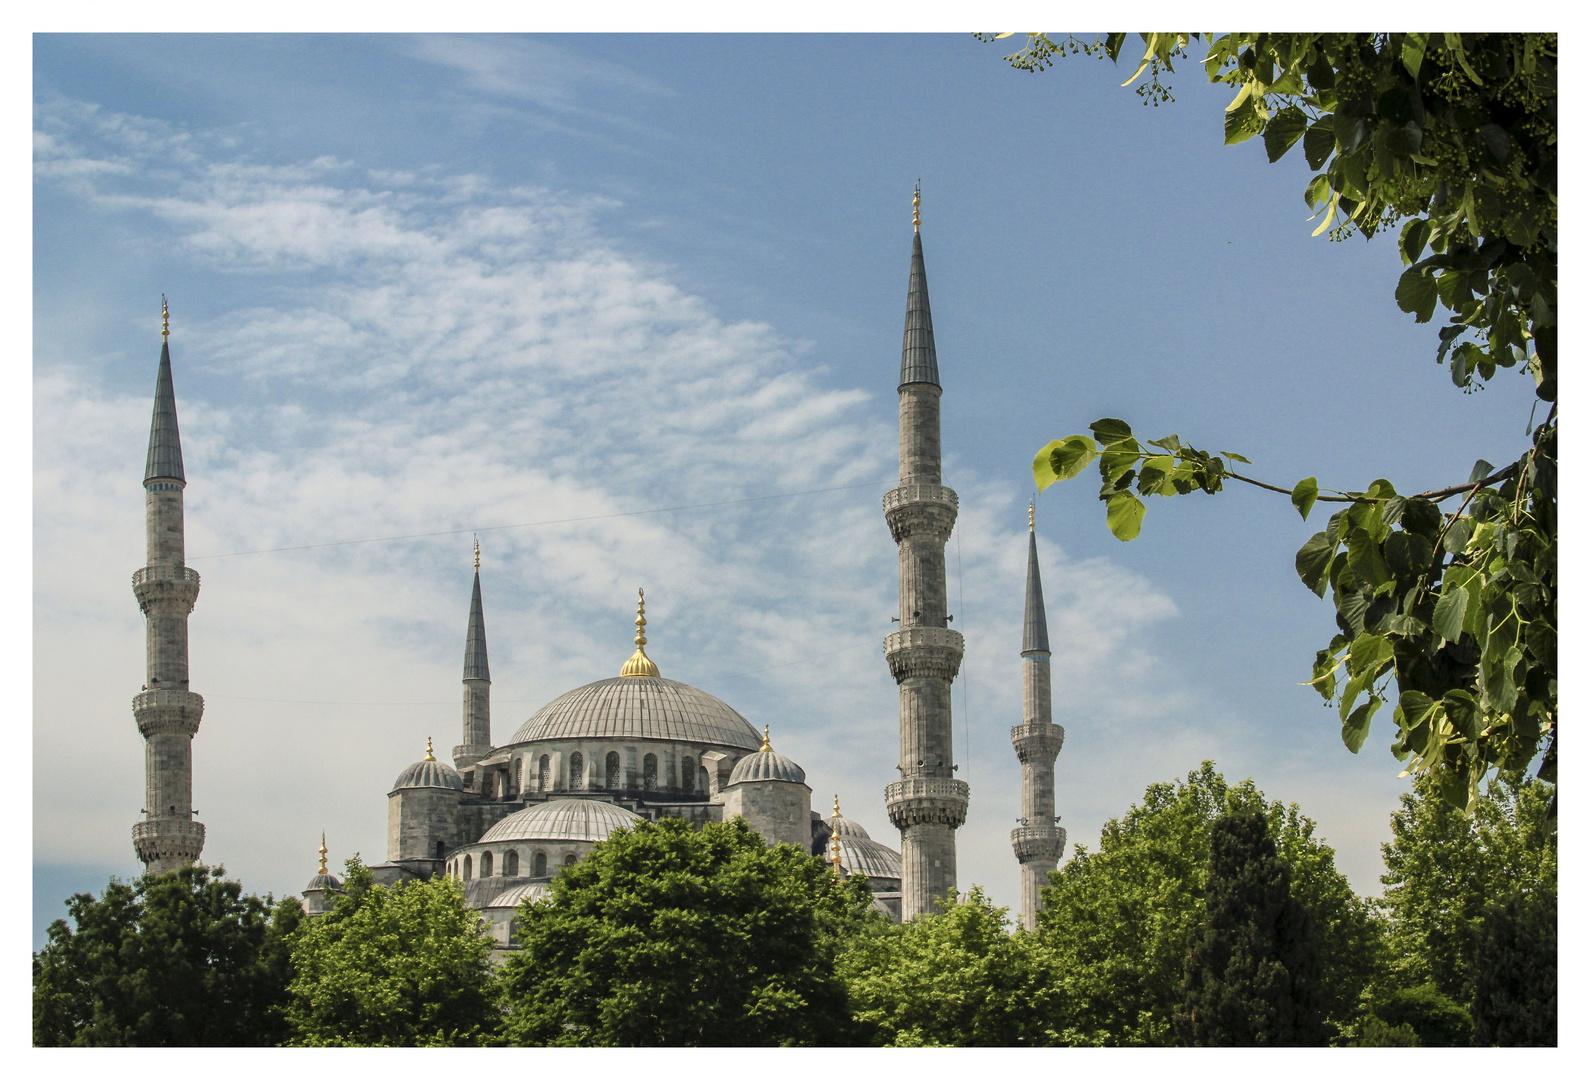 Blaue Moschee oder Sultan-Ahmed-Moschee #2